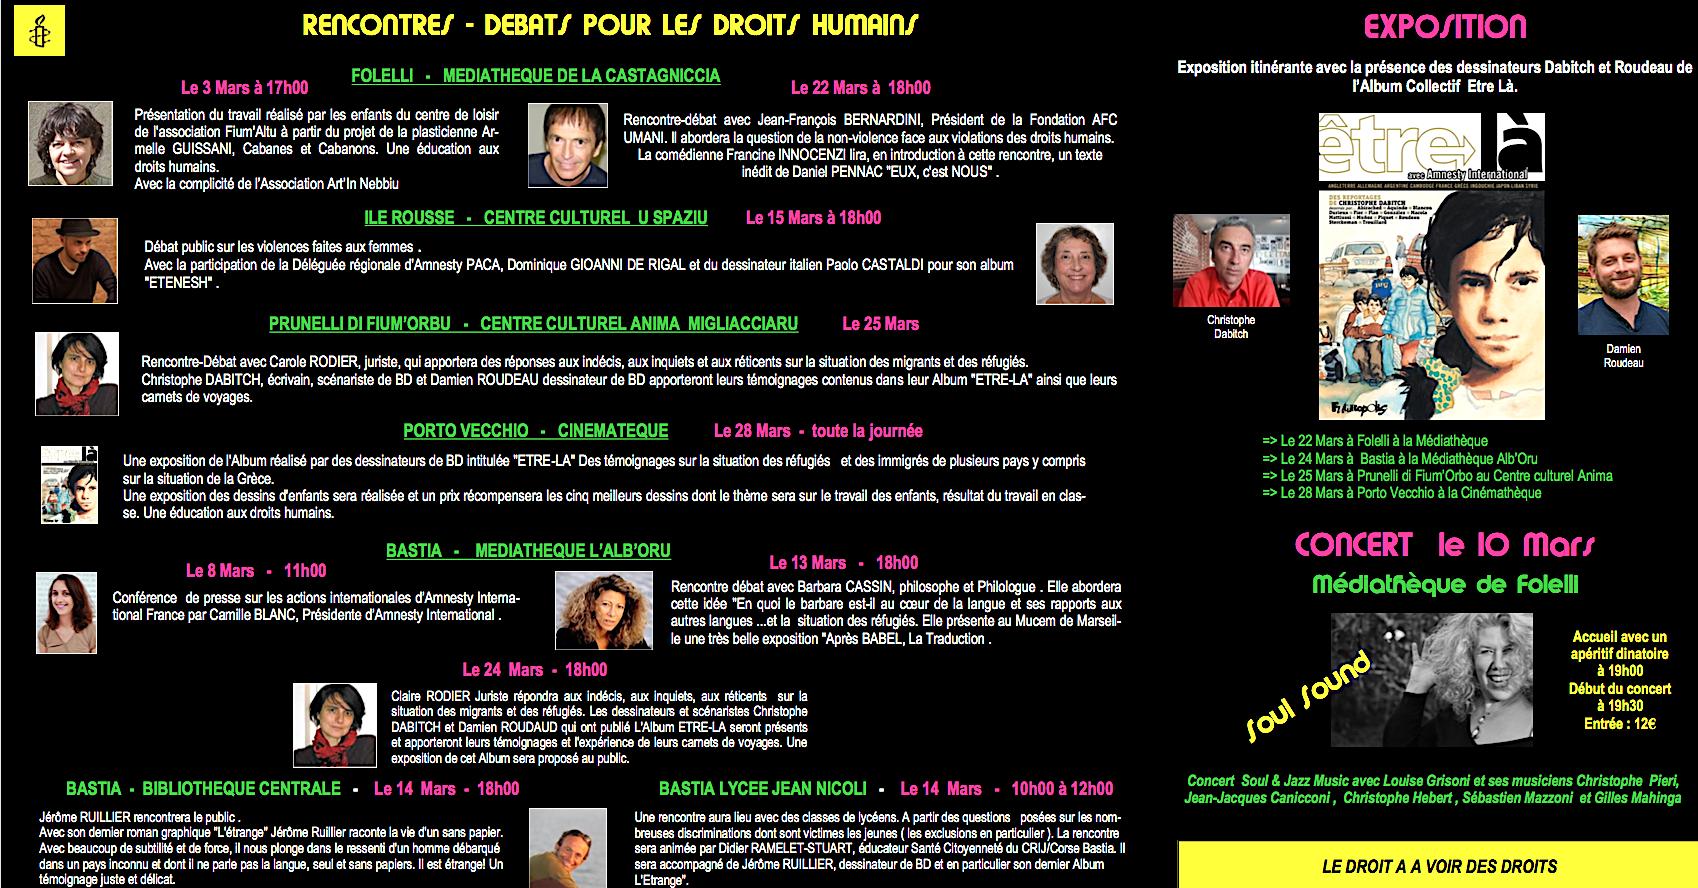 Le festival du film « Au cinéma pour les droits humains » d'Amnesty international  passe par la Corse